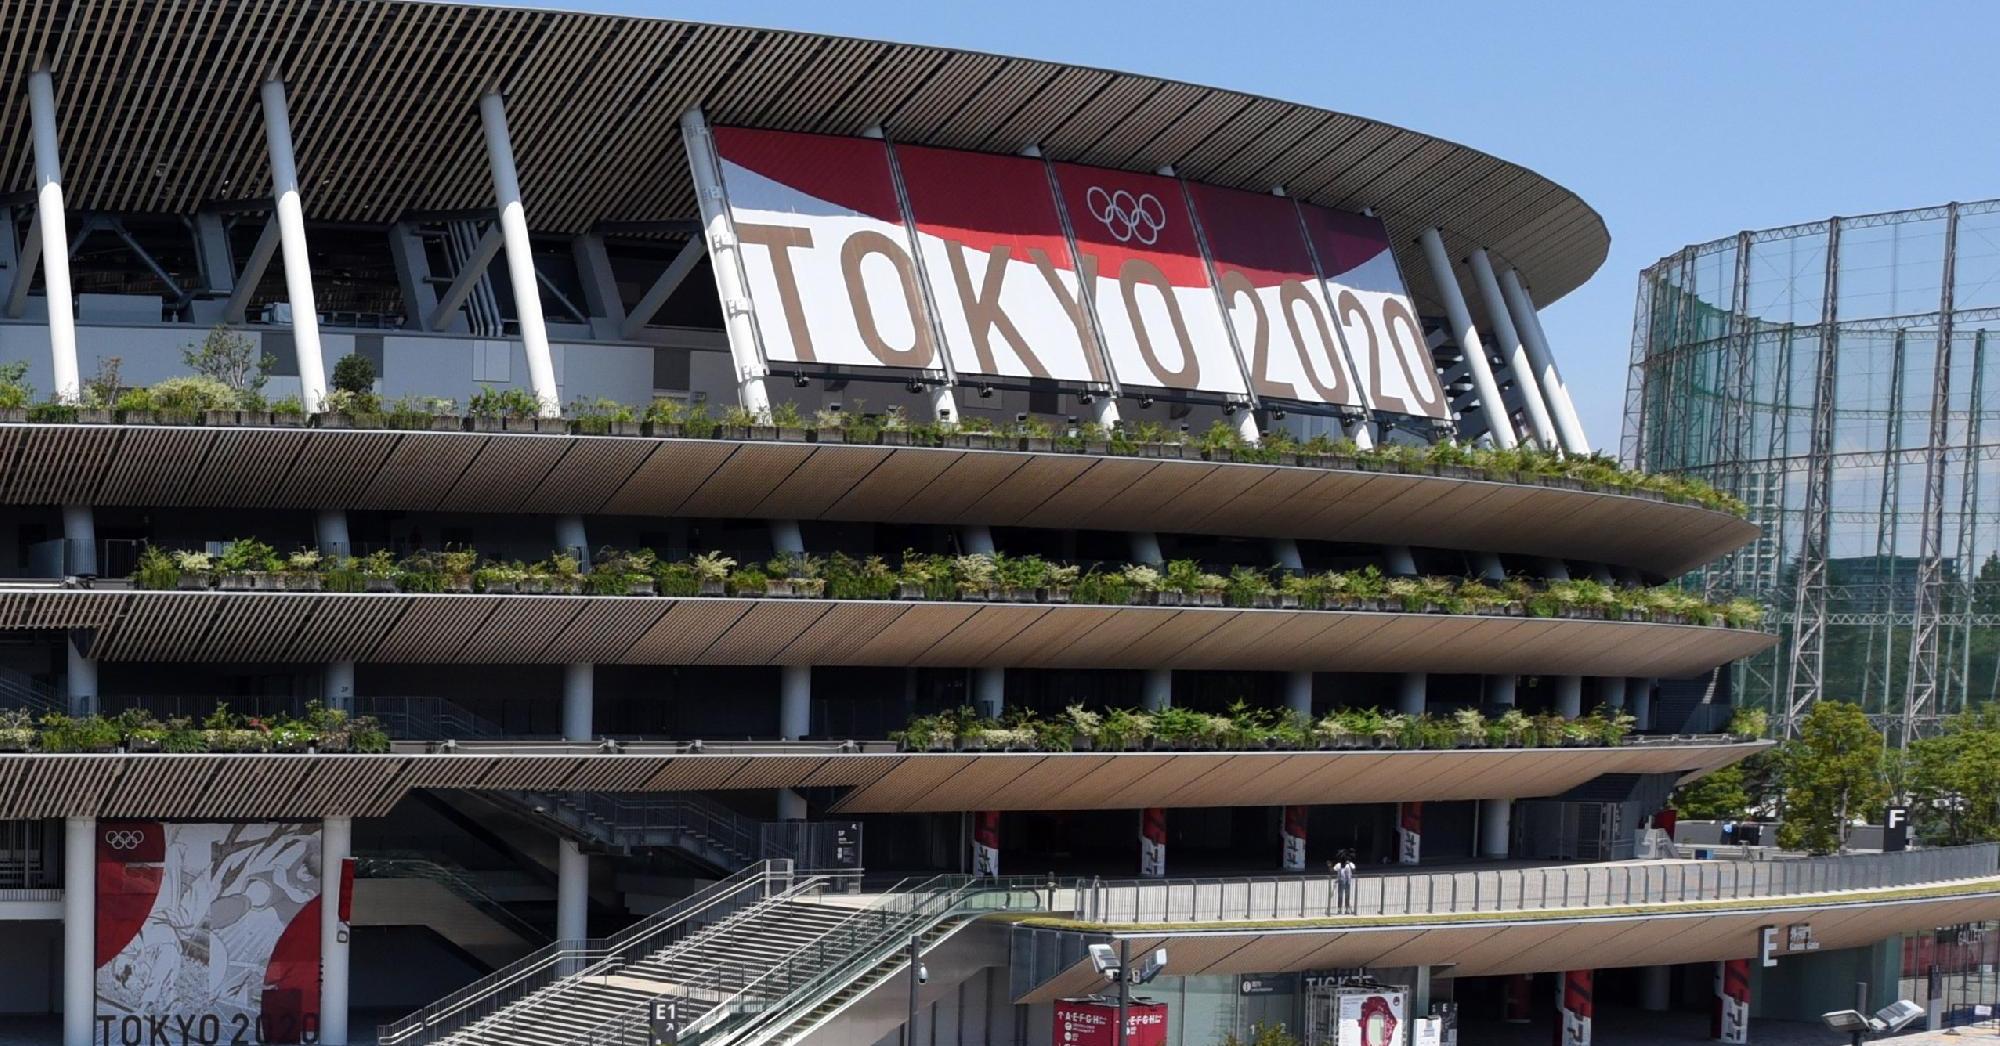 Tokiói Olimpia: a holokauszttal viccelődött 1998-ban, lemondott a rendező